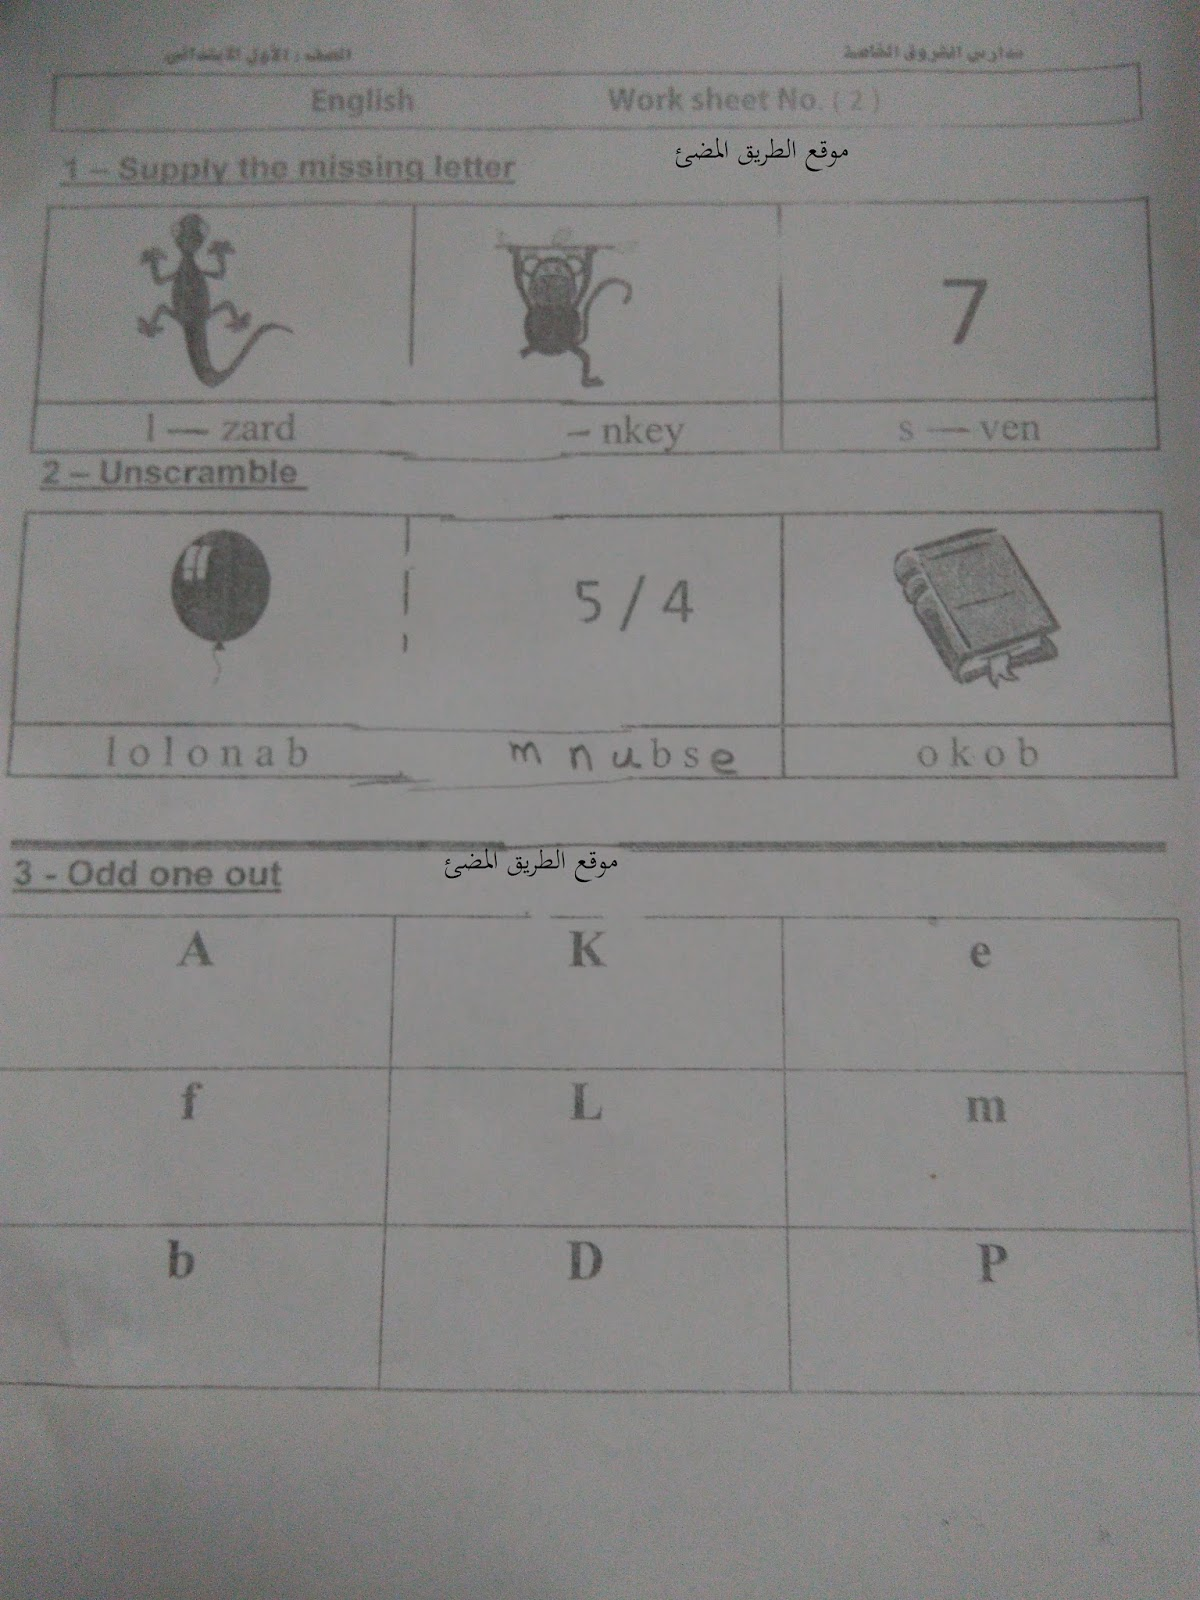 امتحان لغة انجليزية للصف الاول الابتدائى الترم الثانى